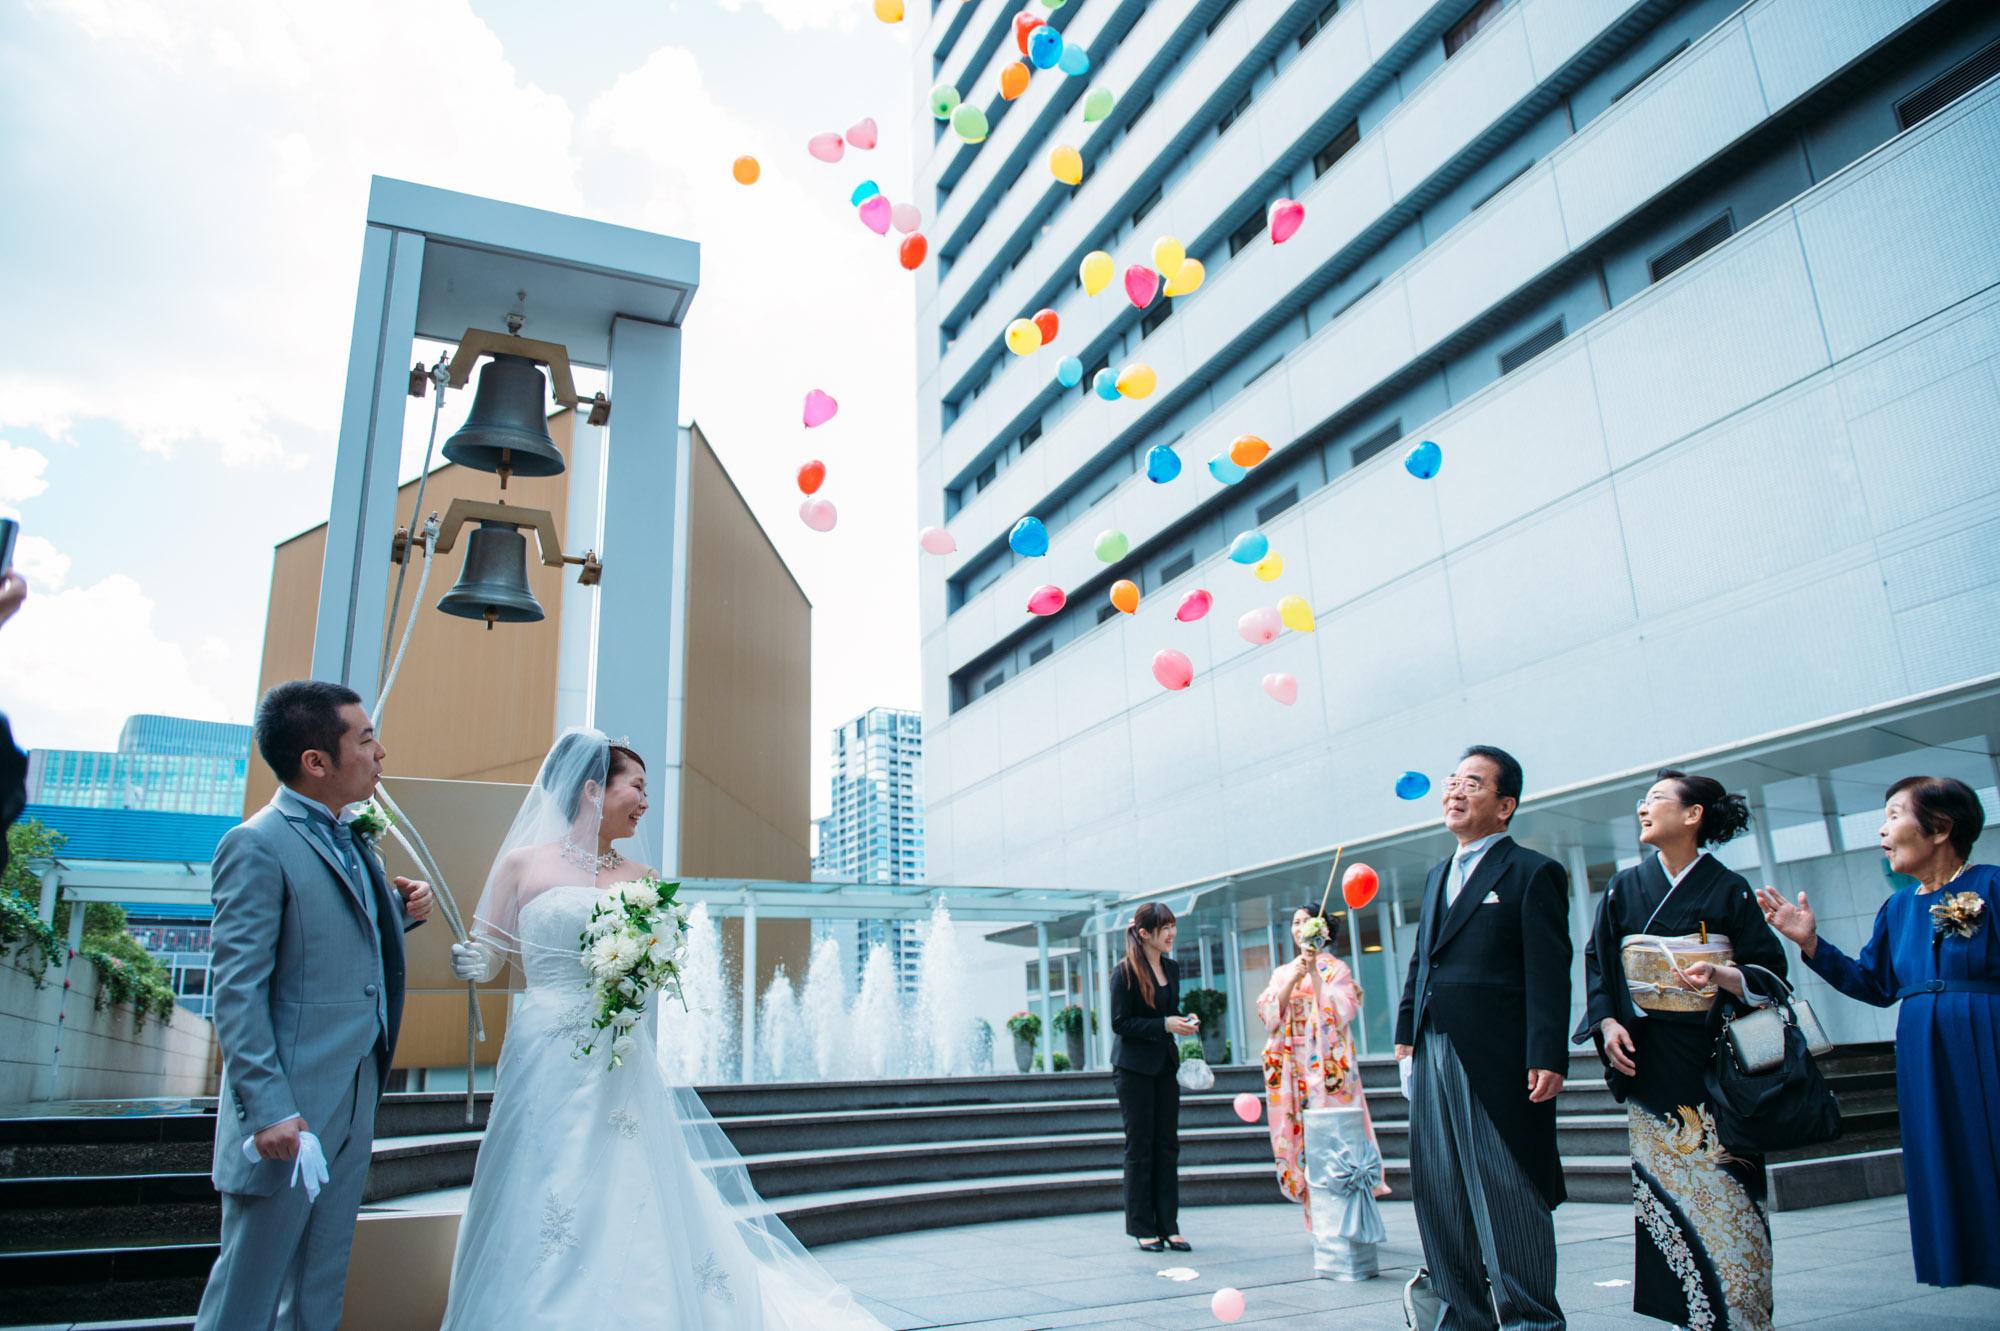 hilton wedding44